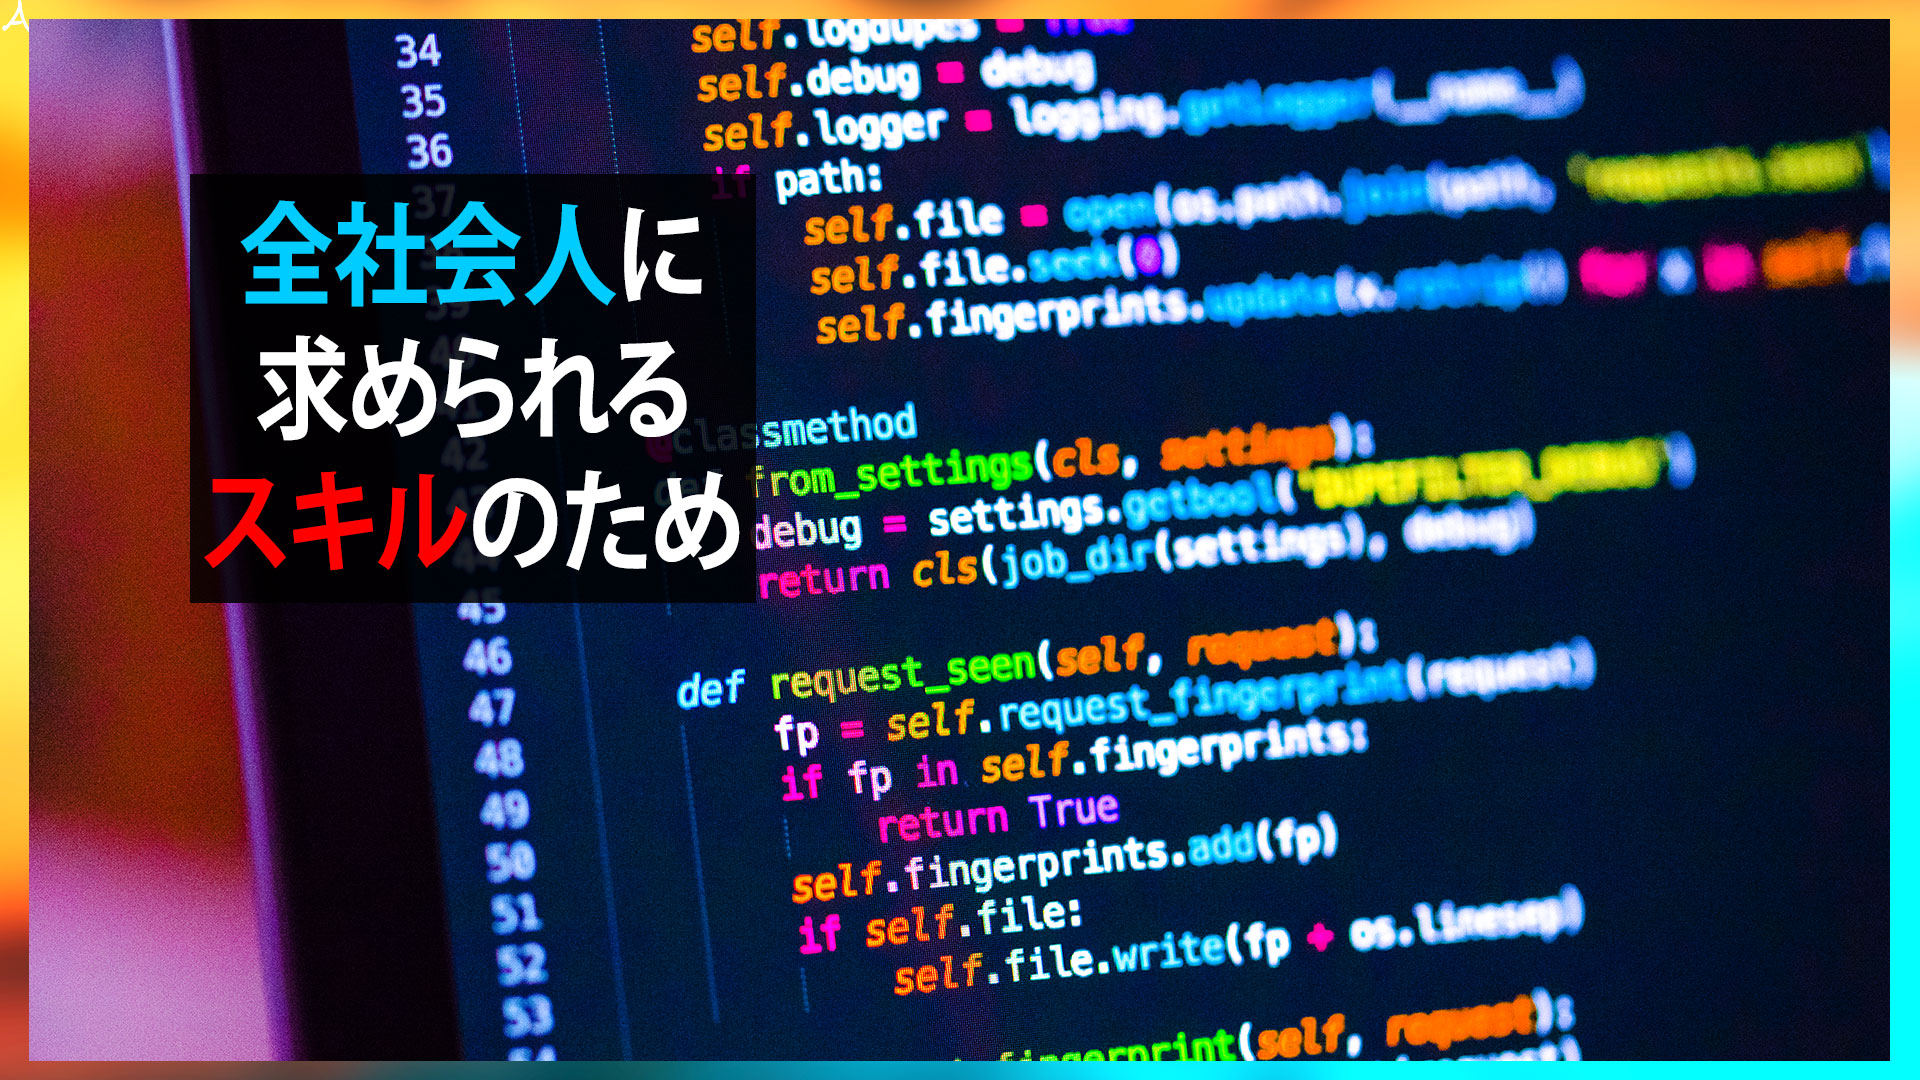 なぜプログラミングに英語が必要なのか。求められる英語力は4つの内どれ?